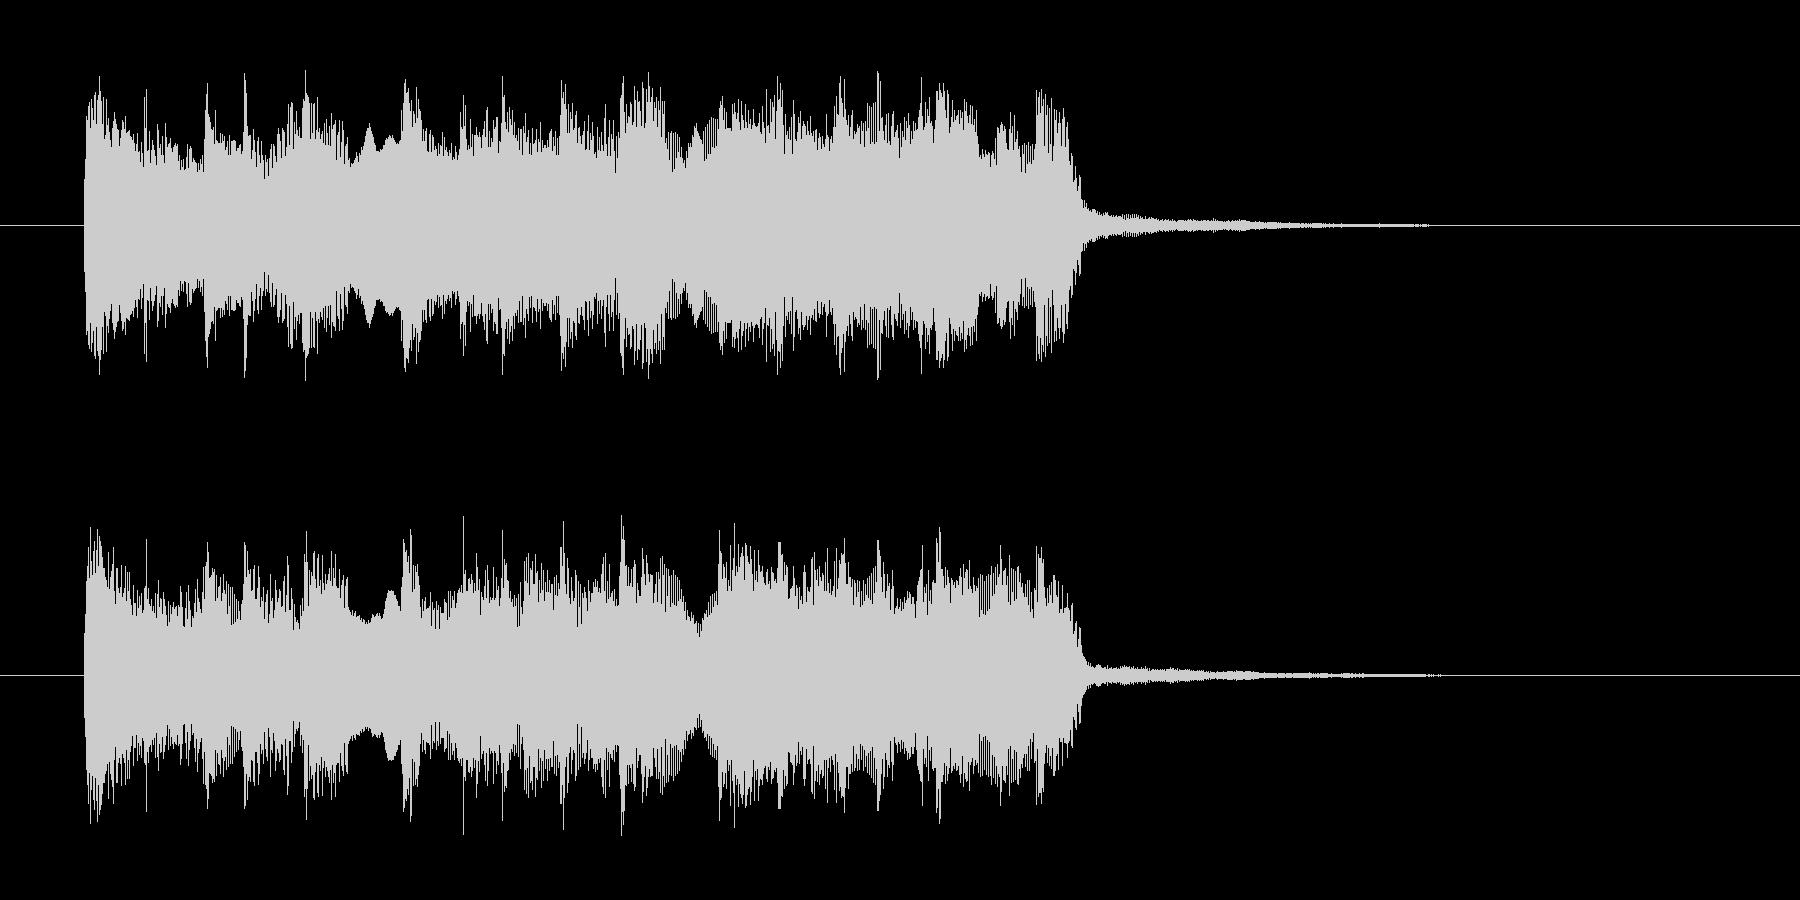 明るくわくわく感の打楽器管楽器サウンドの未再生の波形